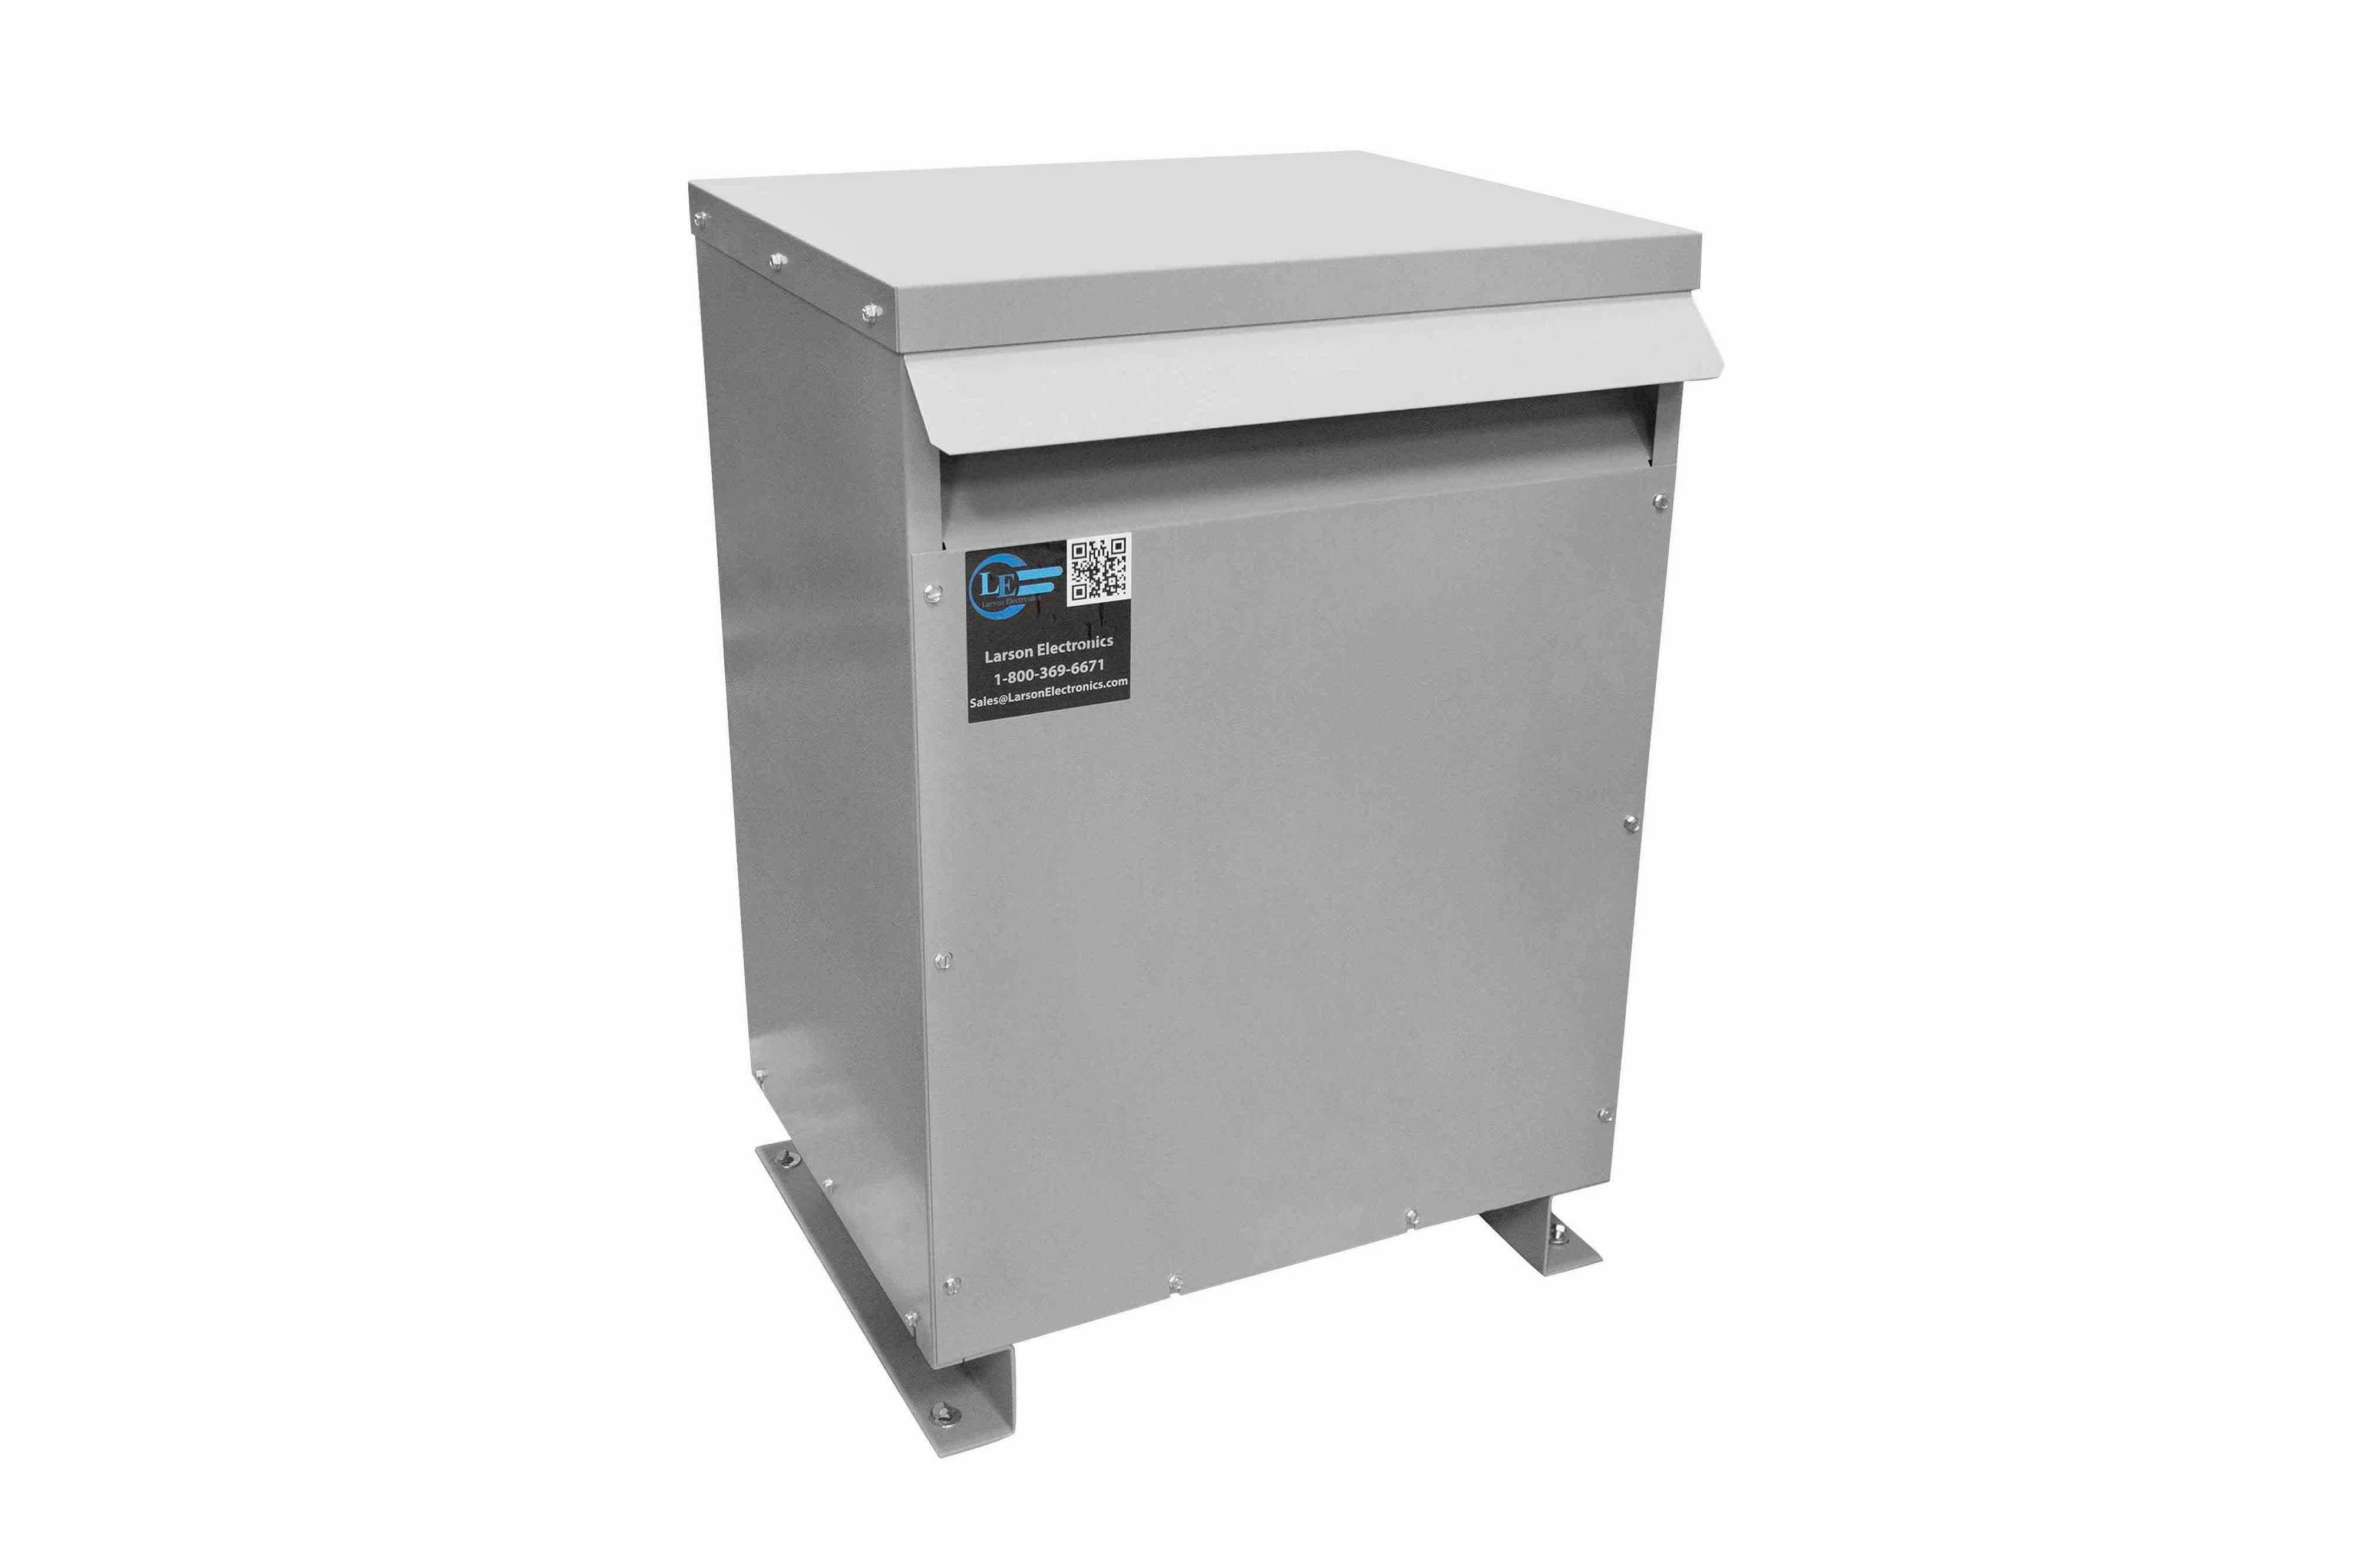 800 kVA 3PH Isolation Transformer, 208V Delta Primary, 480V Delta Secondary, N3R, Ventilated, 60 Hz